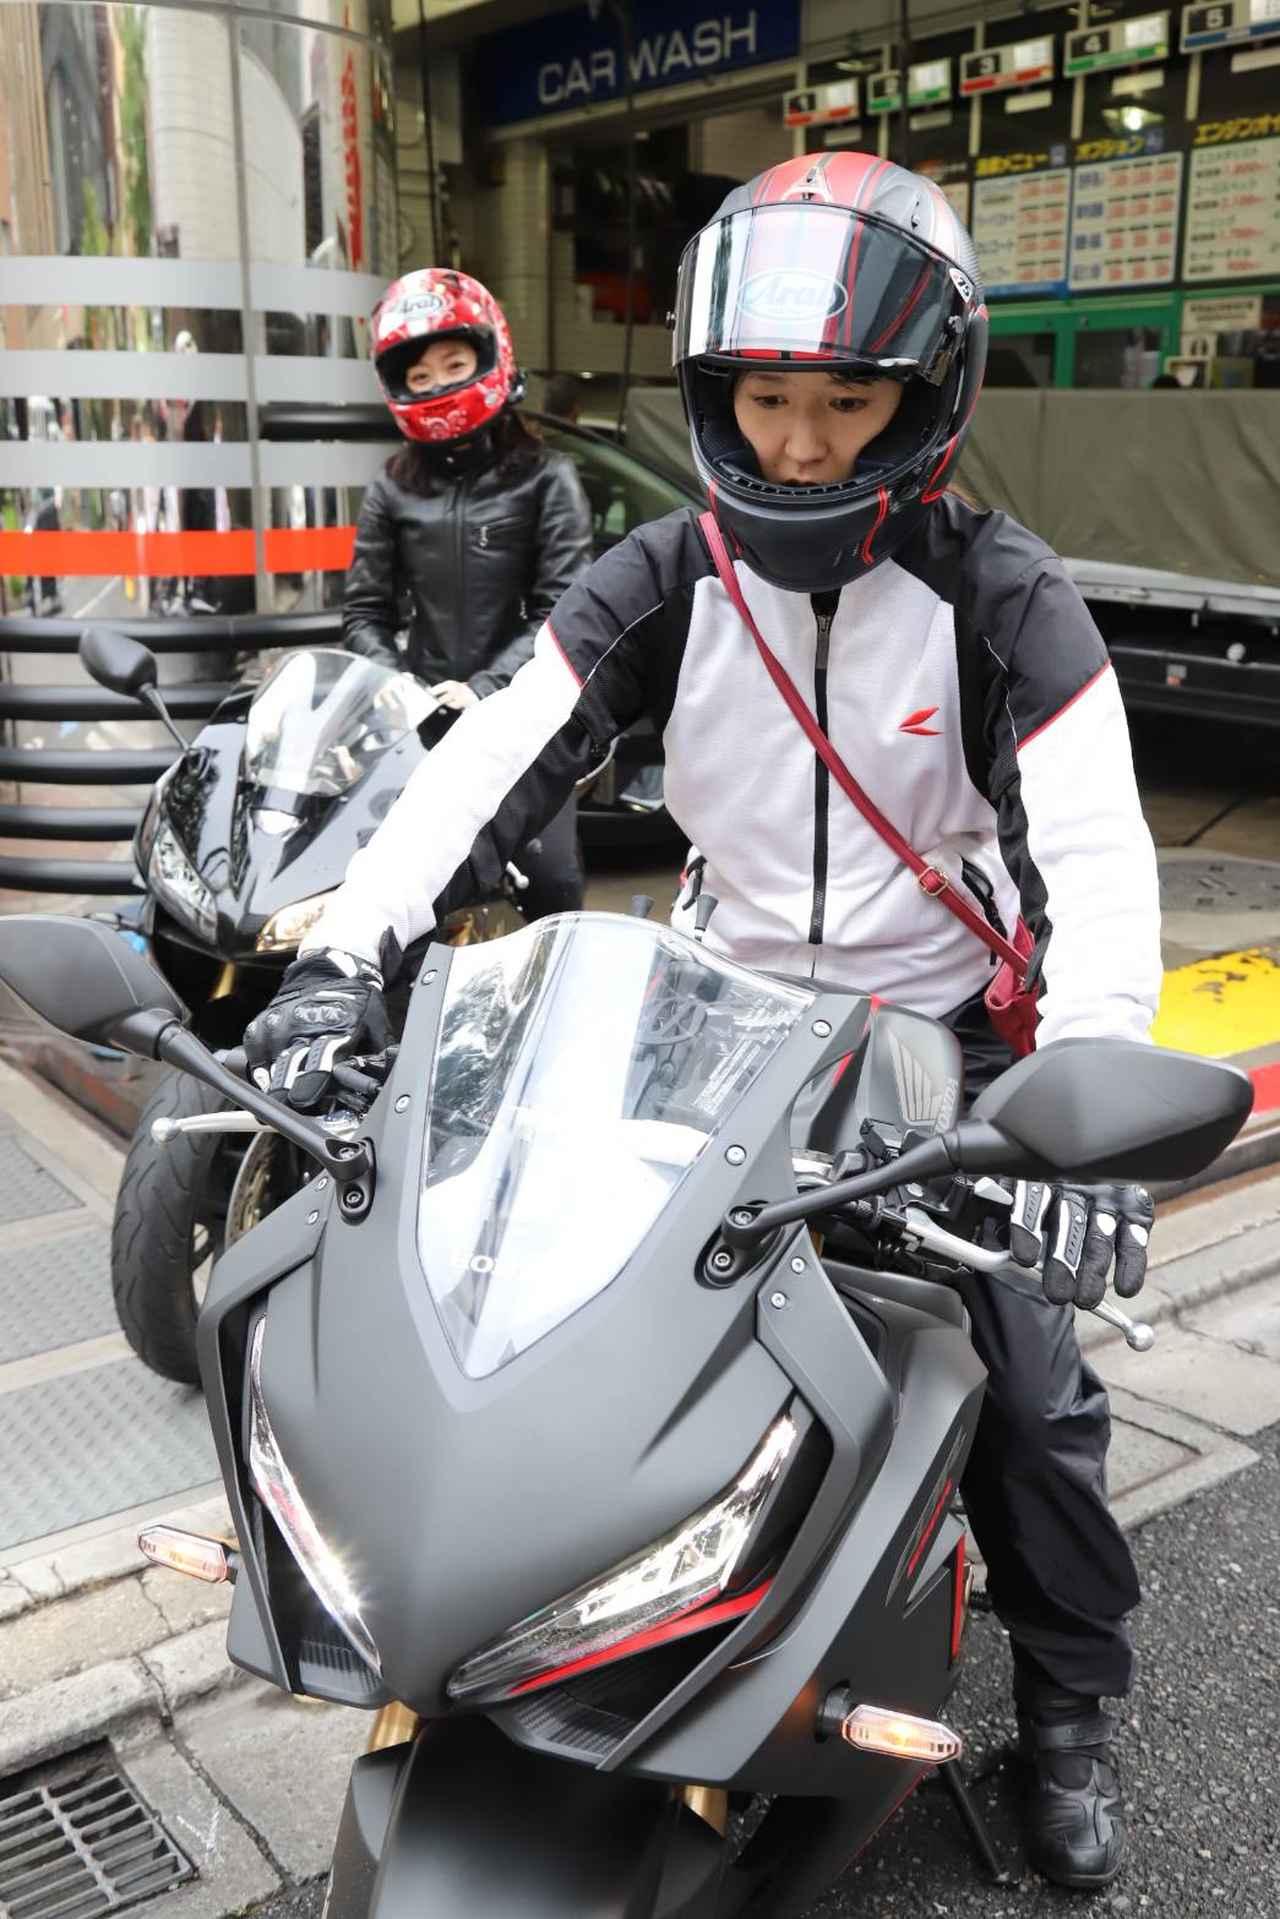 Images : 1番目の画像 - 「いよいよ明日(24日)から! 「バイクのふるさと浜松2019」バイク女子たちも会場に向かって出発!」のアルバム - webオートバイ